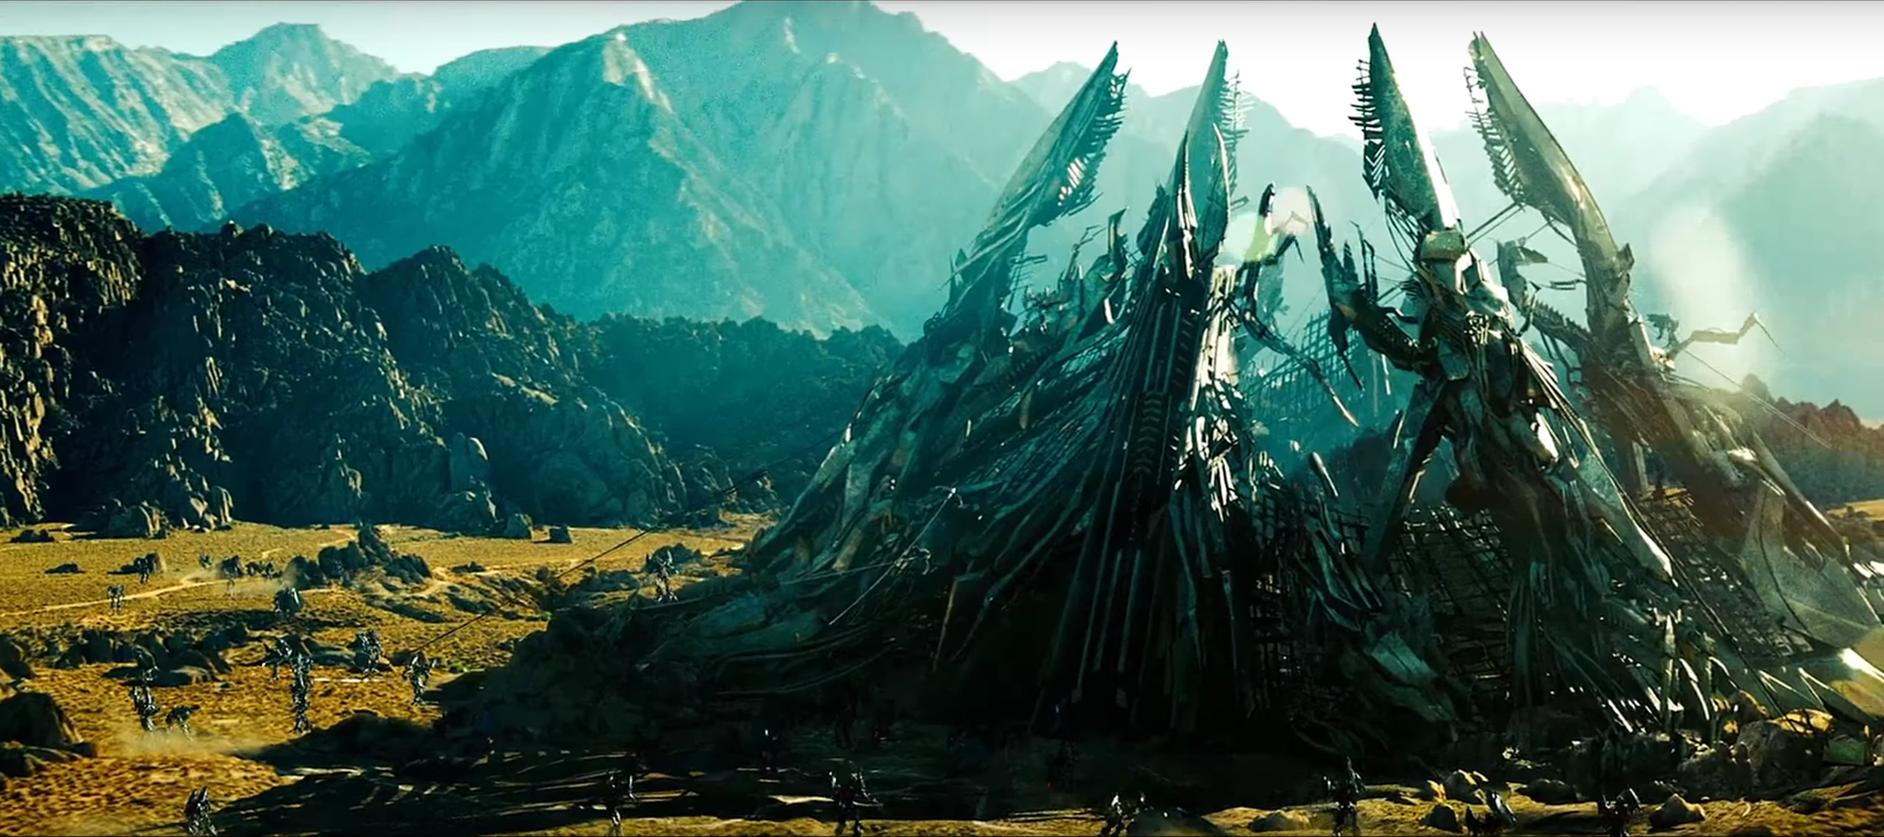 Giải mã dòng thời gian rắc rối của loạt Transformers, từ giờ yên tâm xem phim không sợ hoang mang nữa - Ảnh 2.